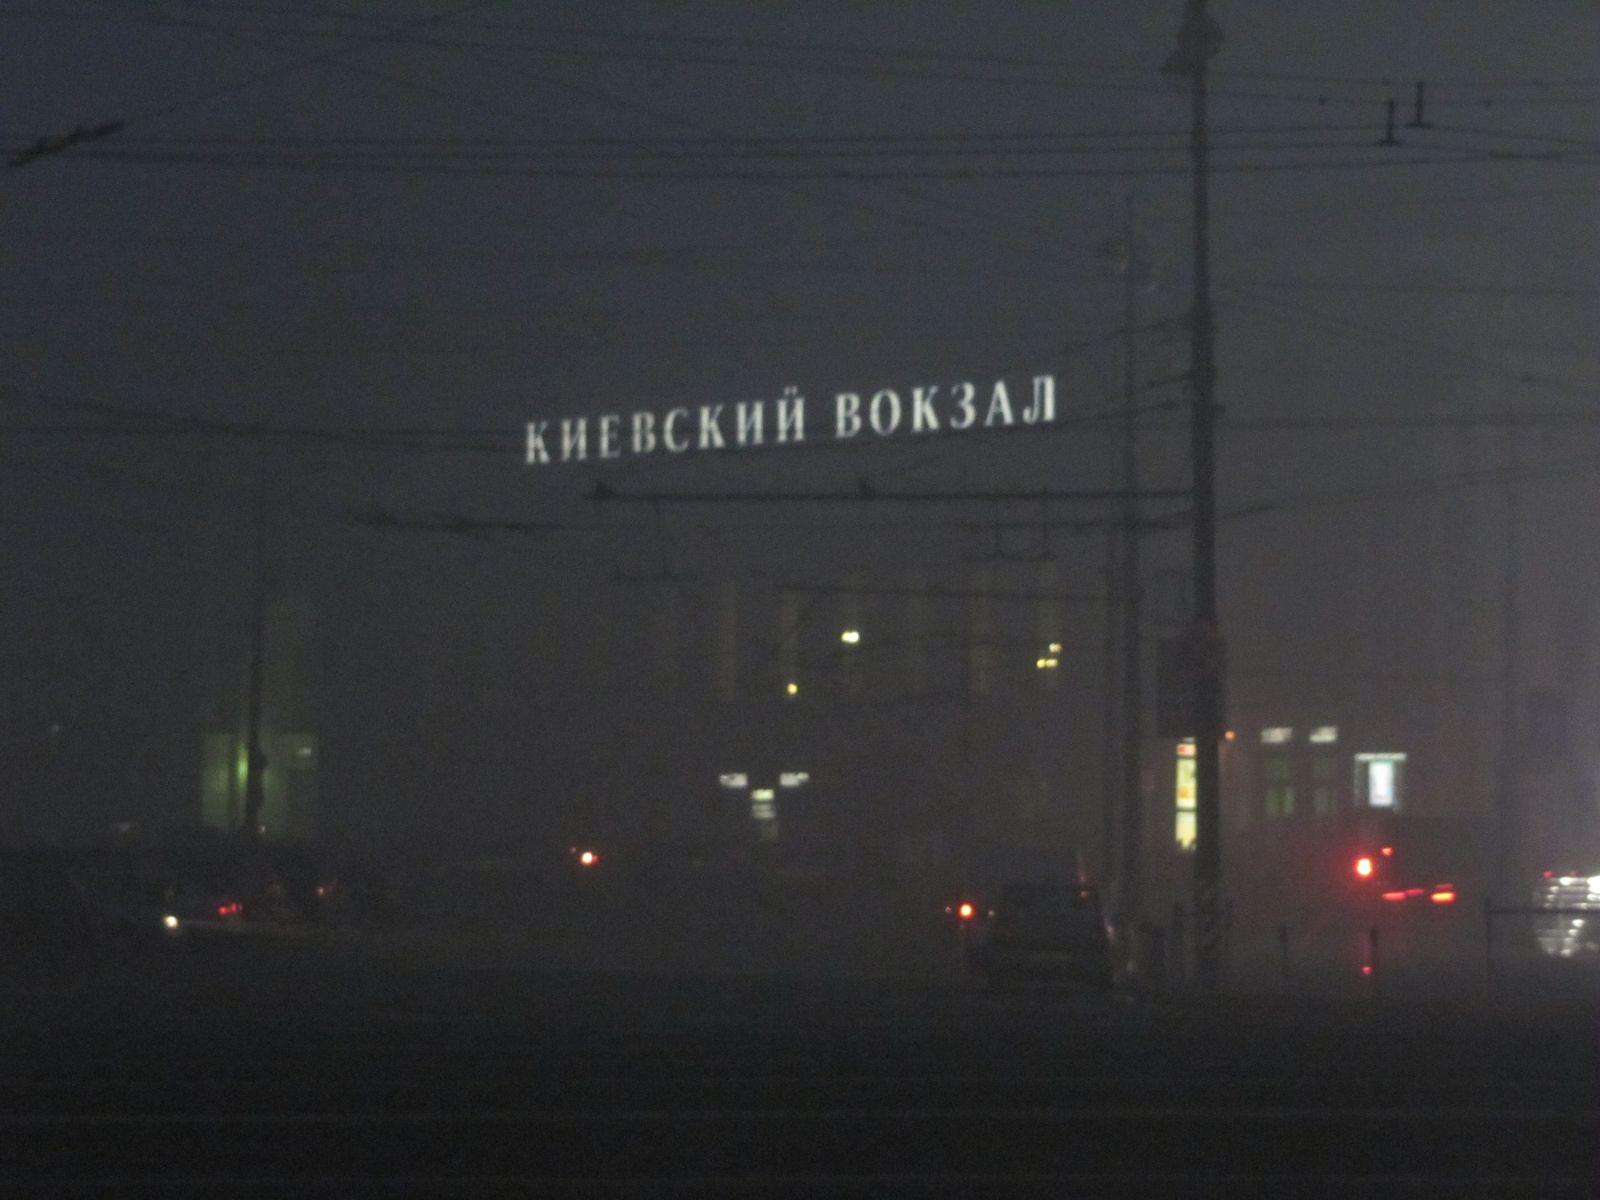 Πλατεία Ευρώπης ,σιδηροδρομικός Σταθμός του Κιέβου,ώρα 05.30.Κανονικά έπρεπε να είχε ήδη ξημερώσει.